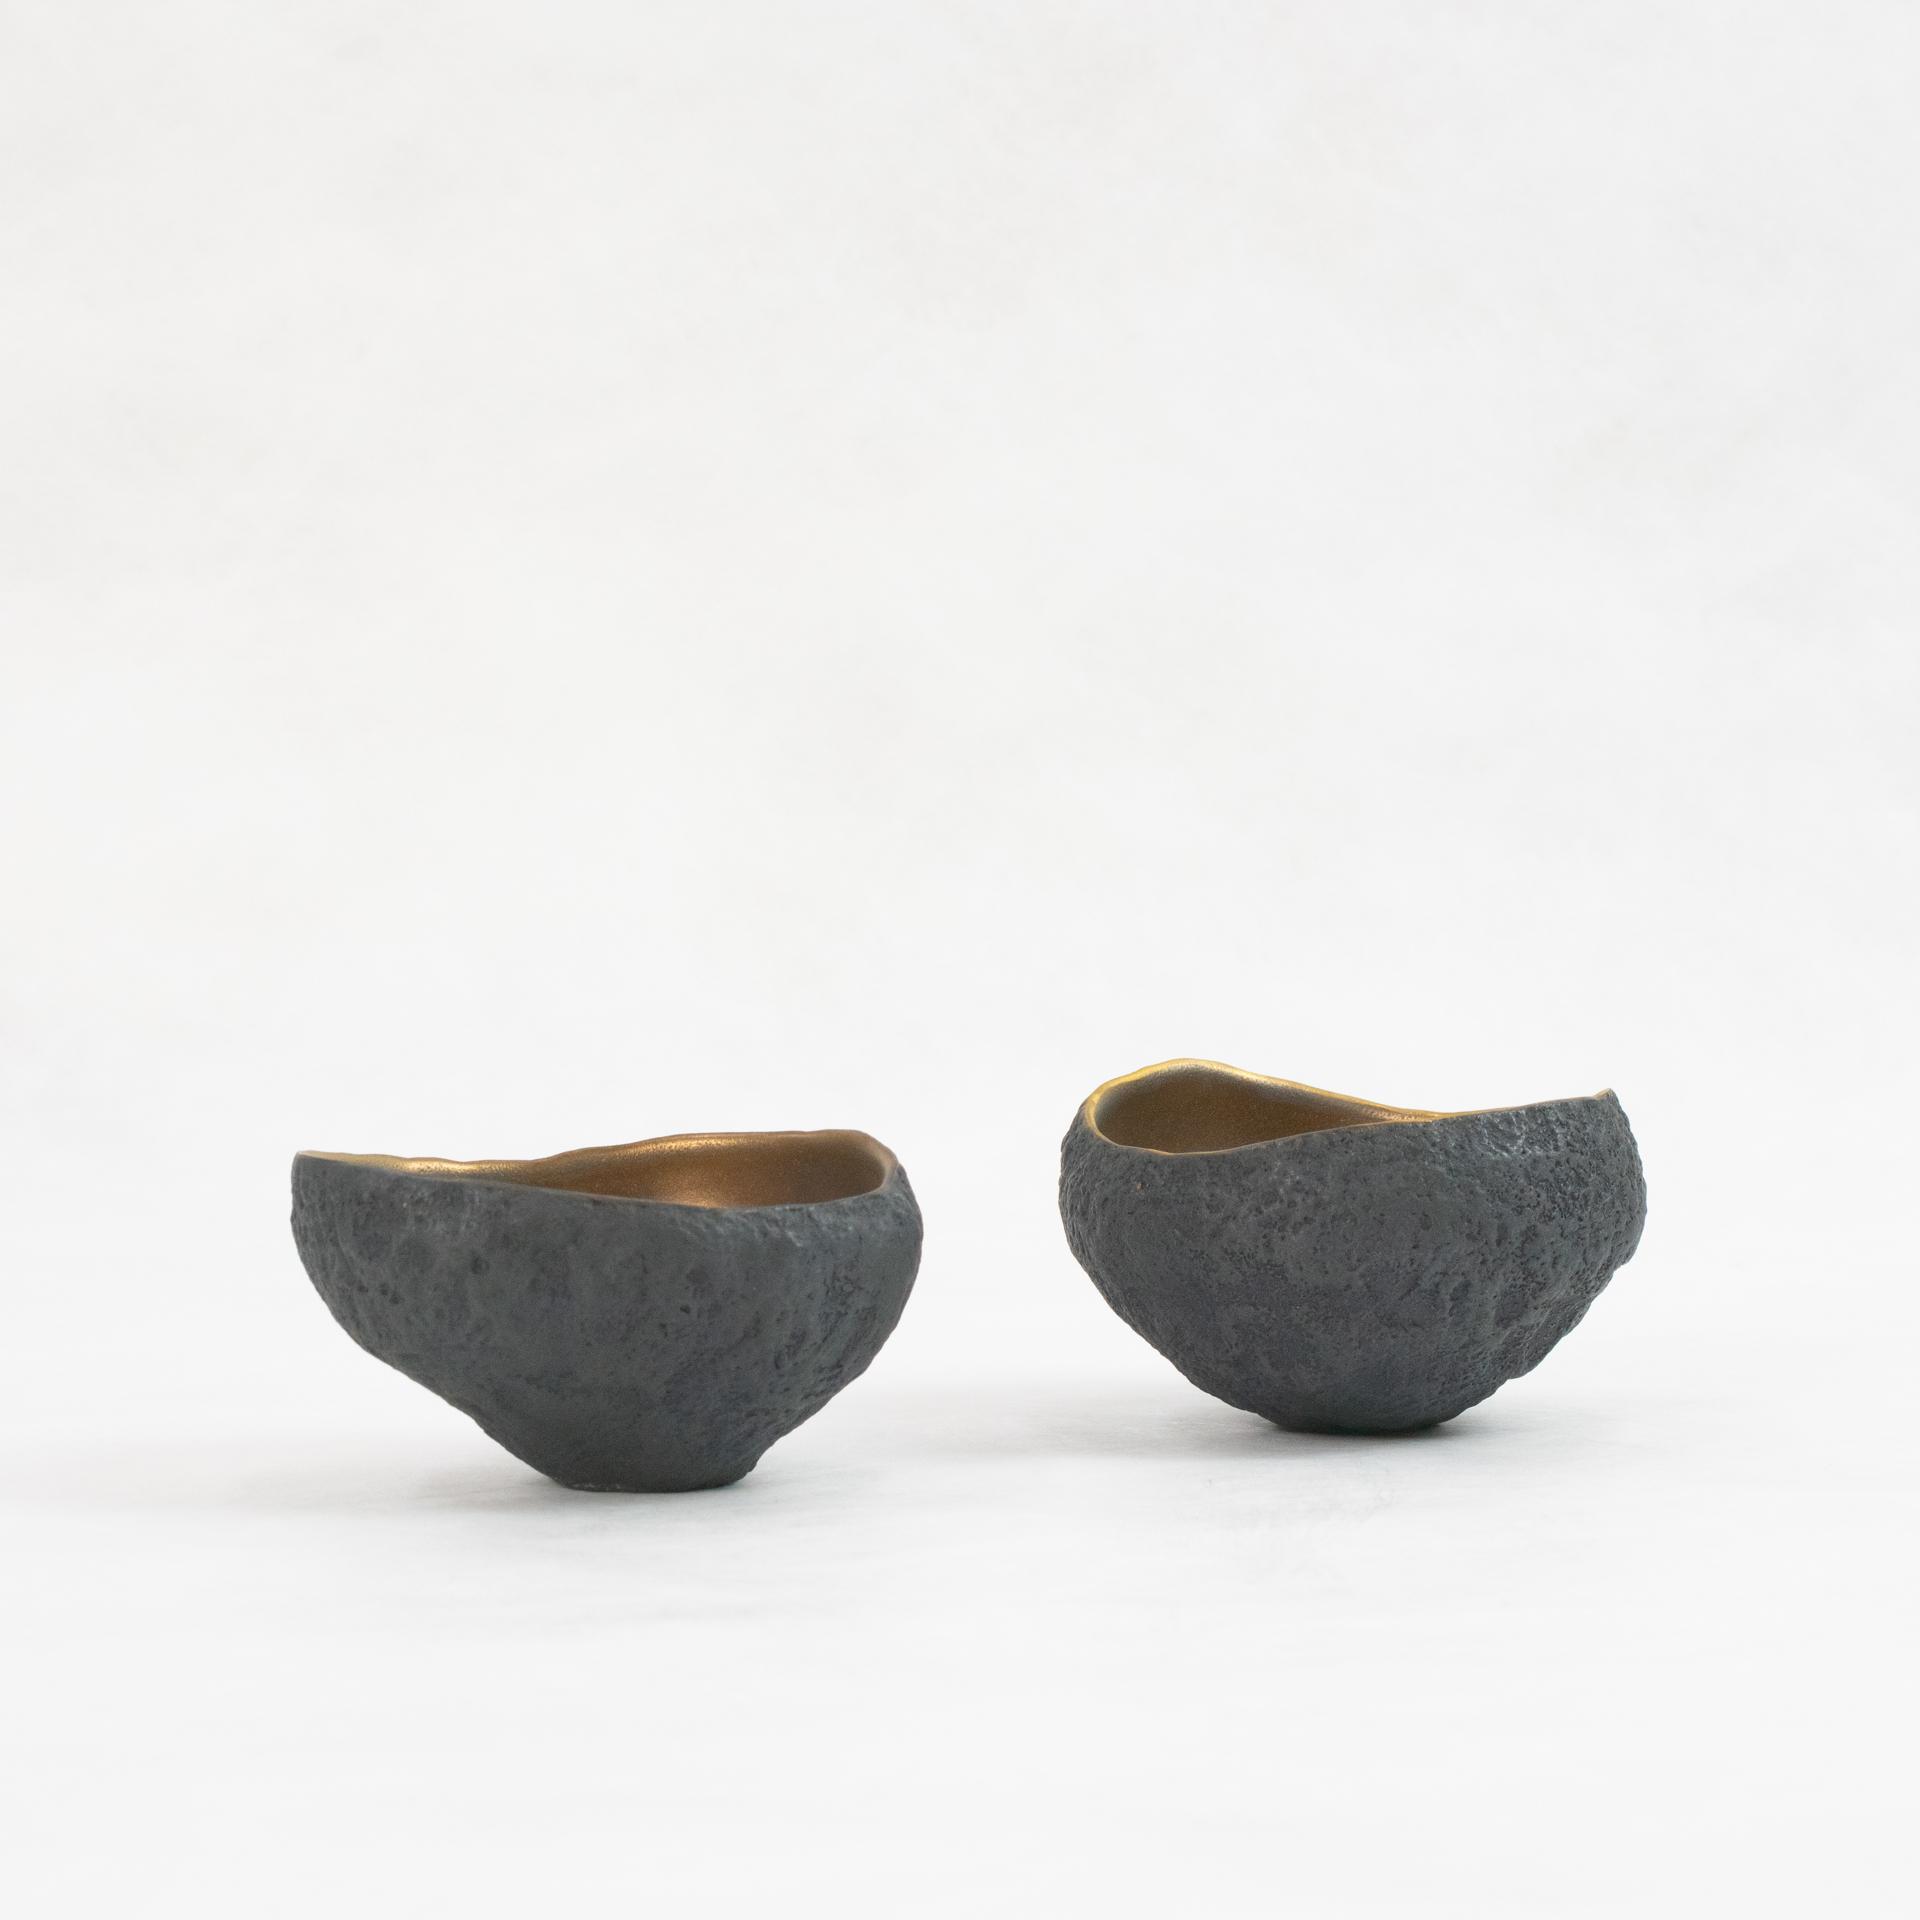 Ceramic with bronze glaze by Cristina Salusti